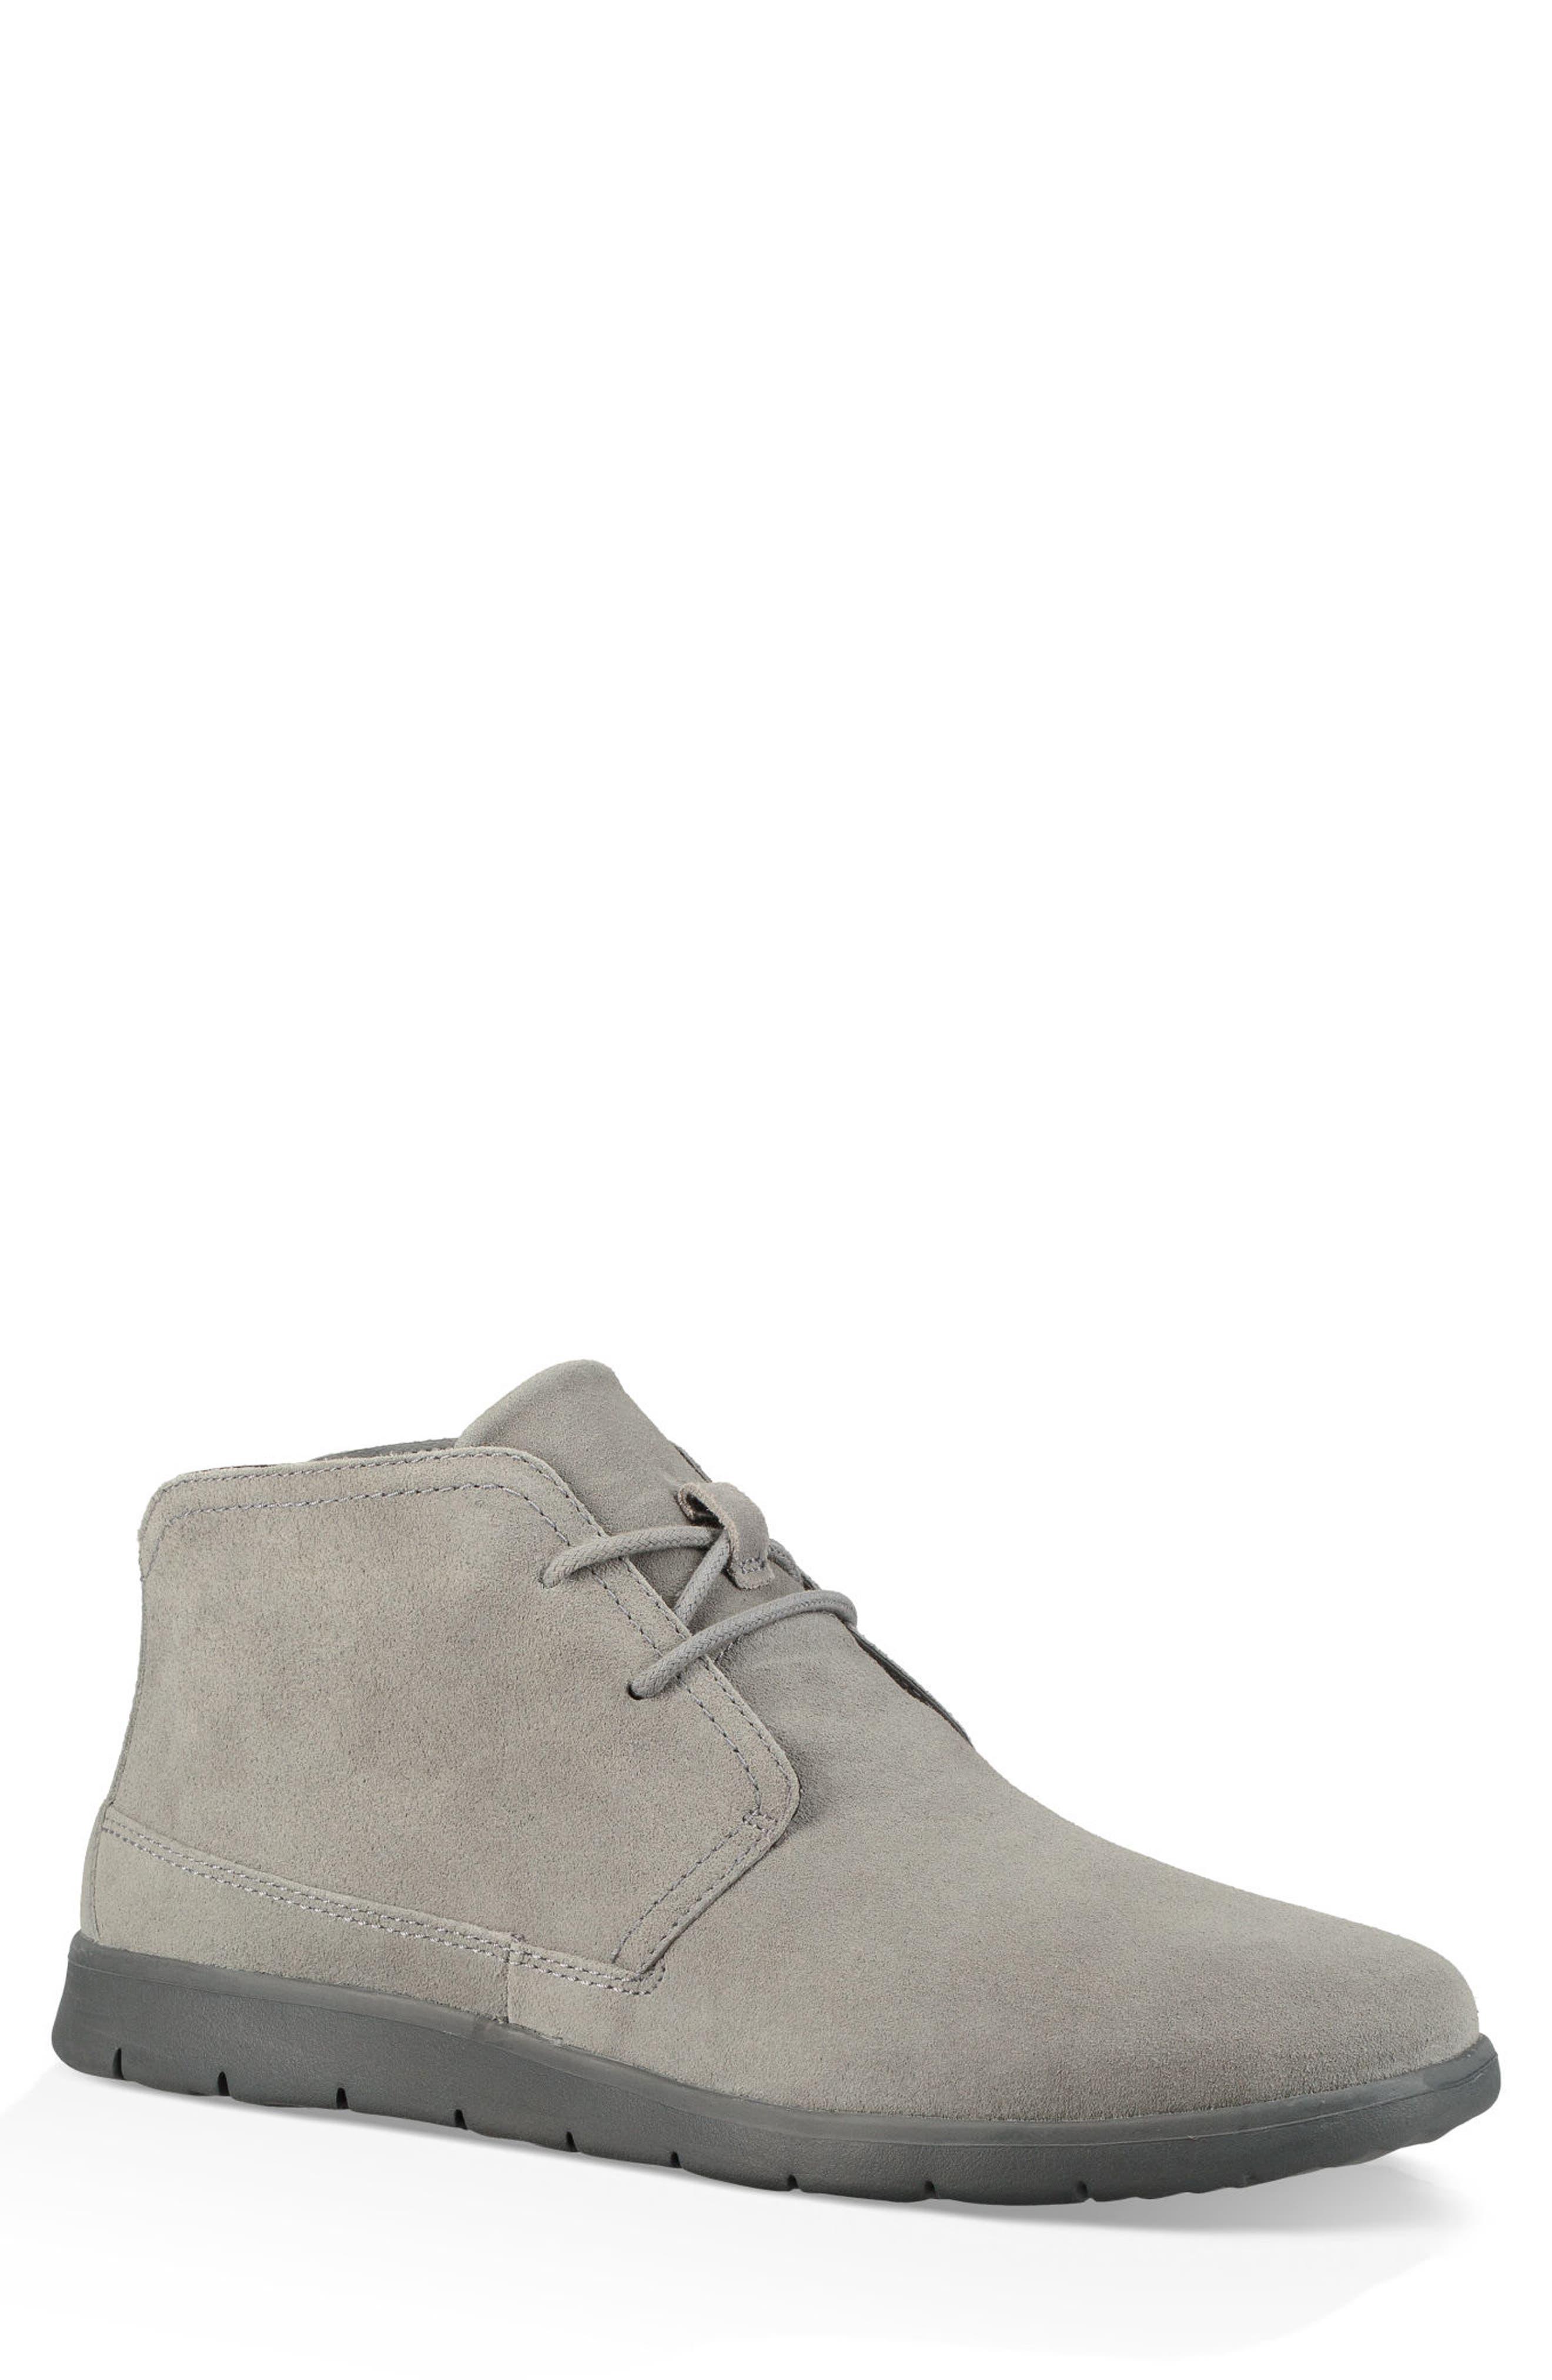 Ugg Dustin Chukka Boot- Grey